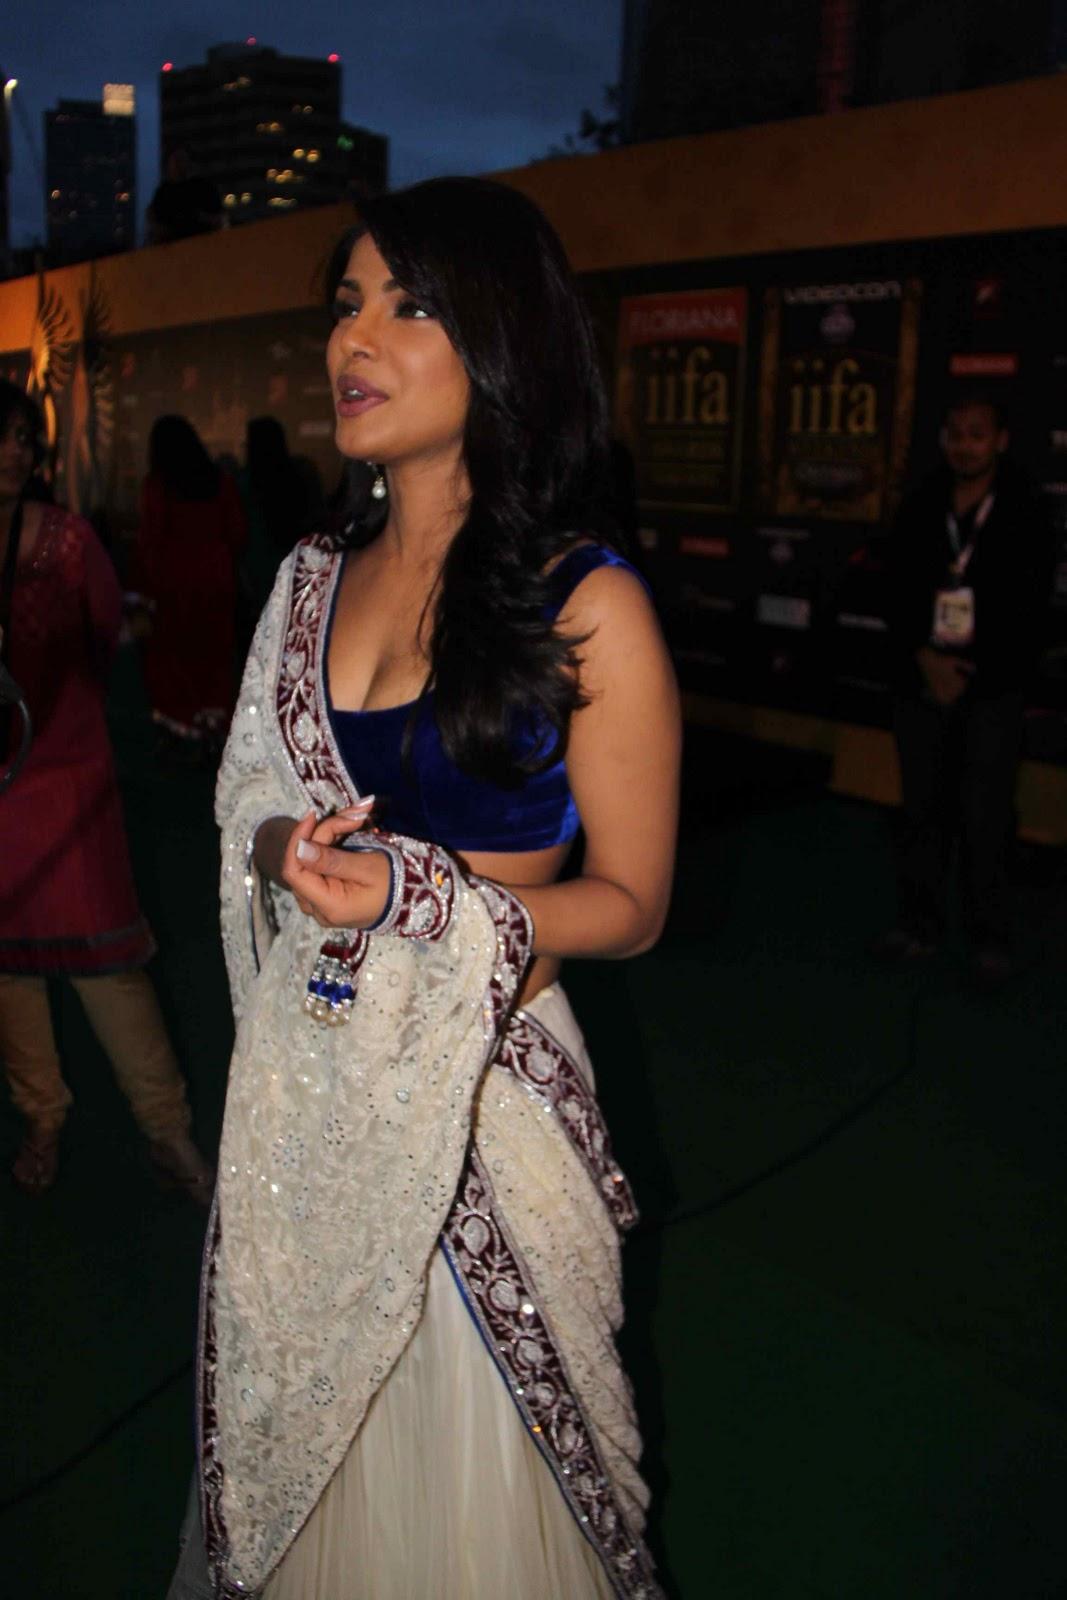 Unseen Tamil Actress Images Pics Hot Priyanka Chopra Hot -2743